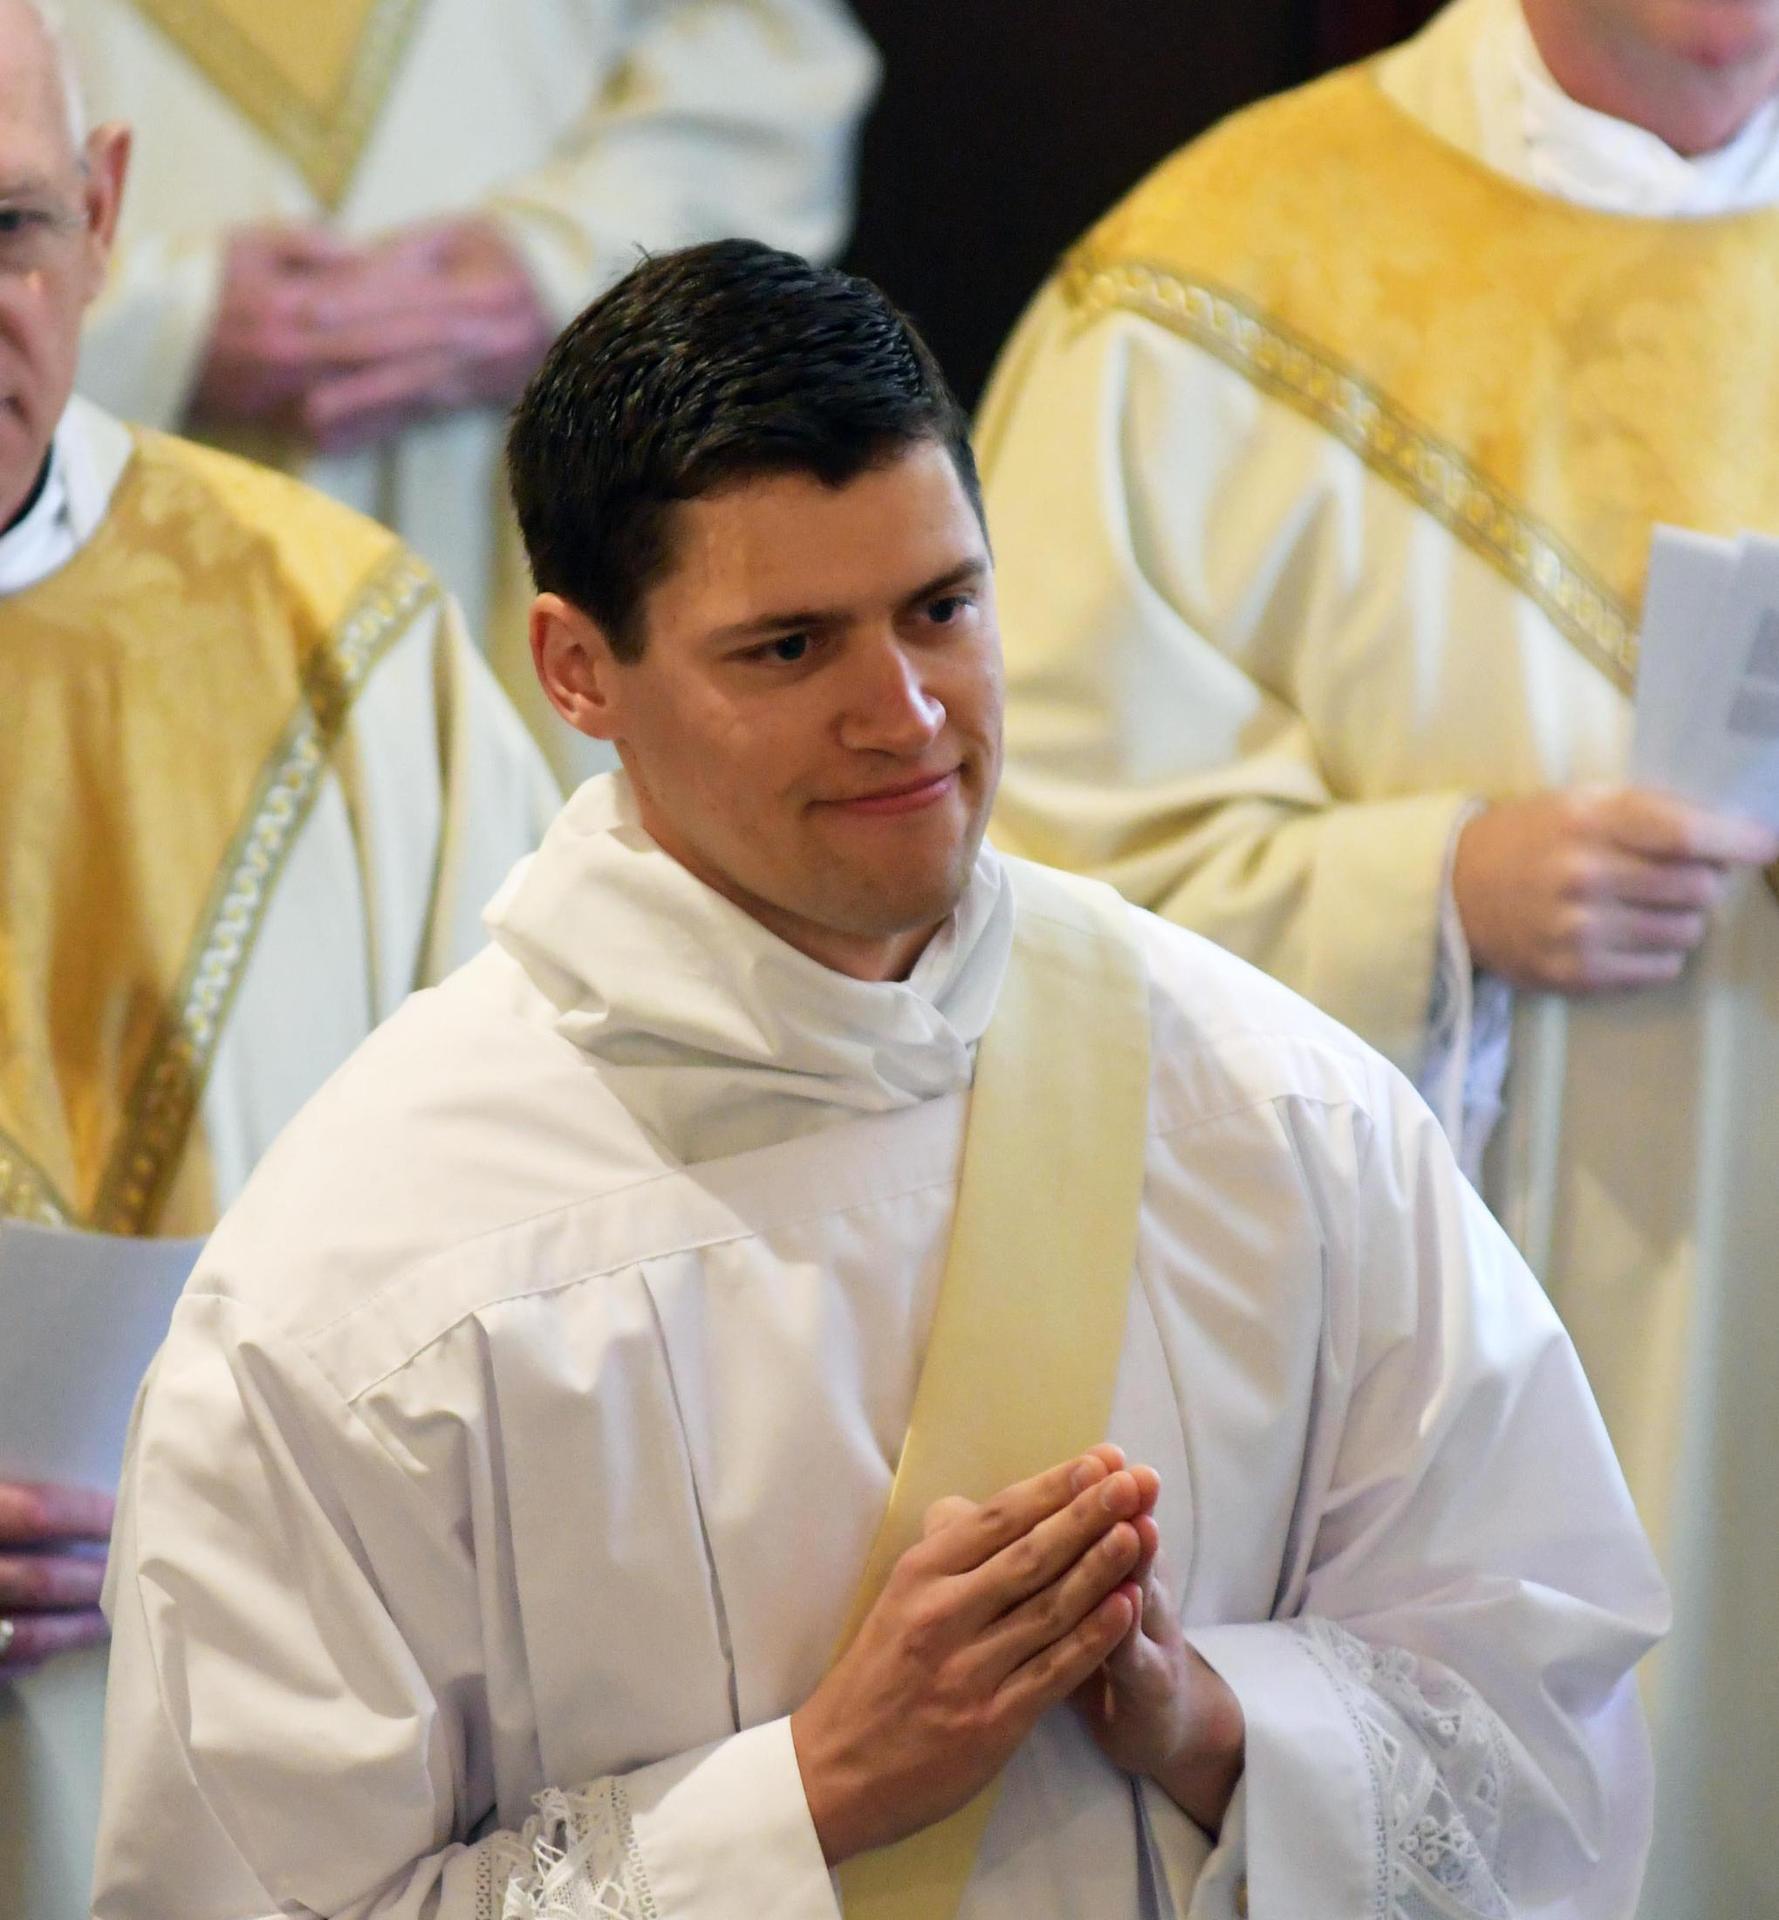 Fr. David Harris